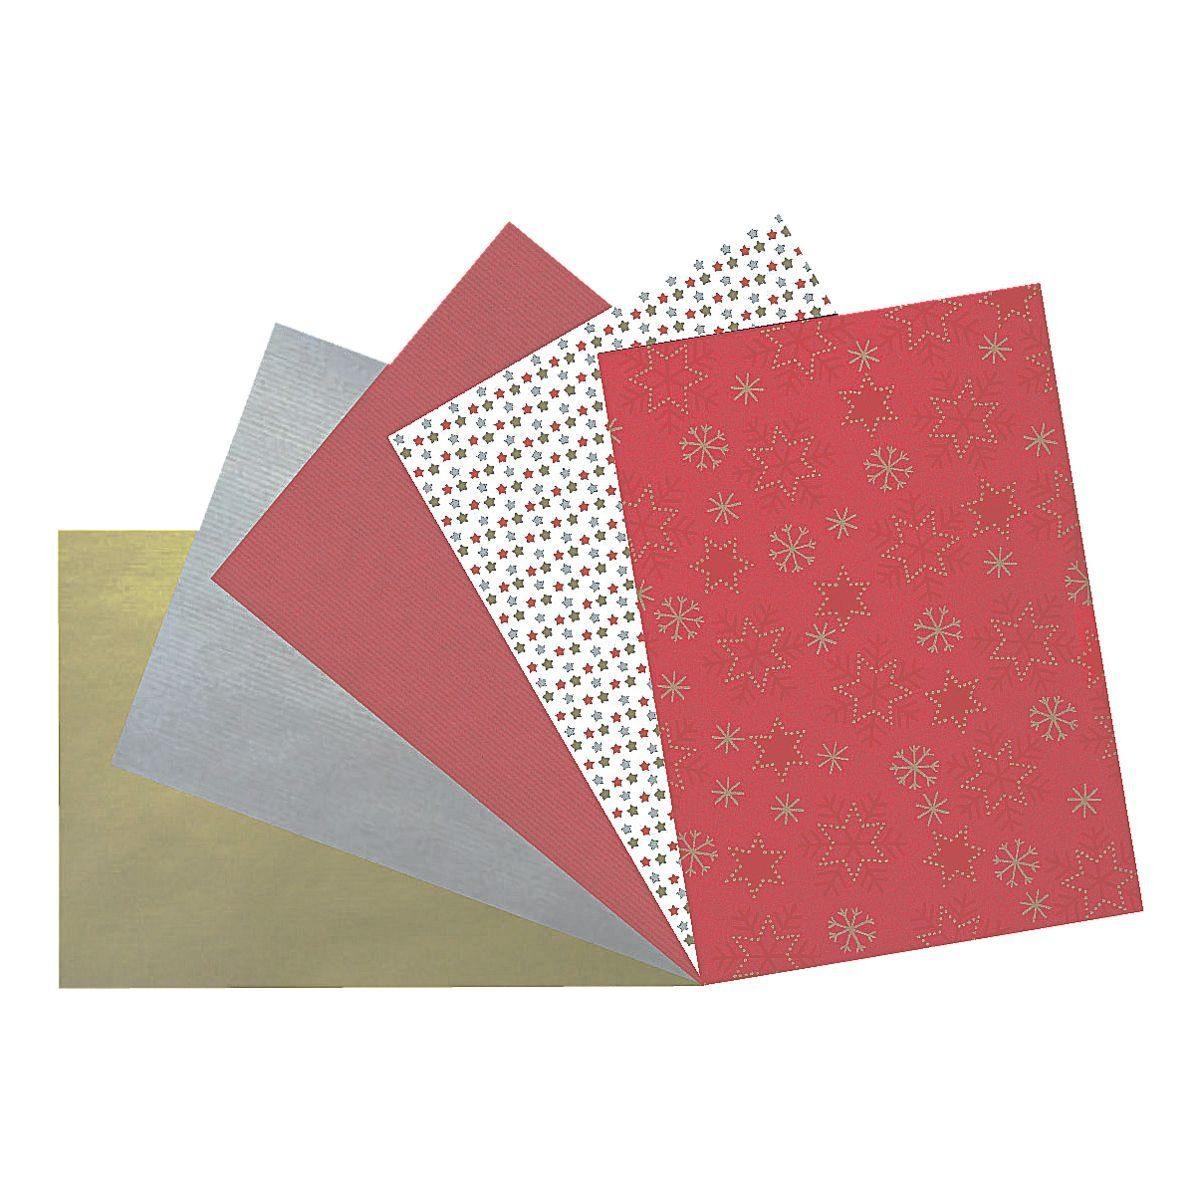 Bogengeschenkpapier »Christmas«